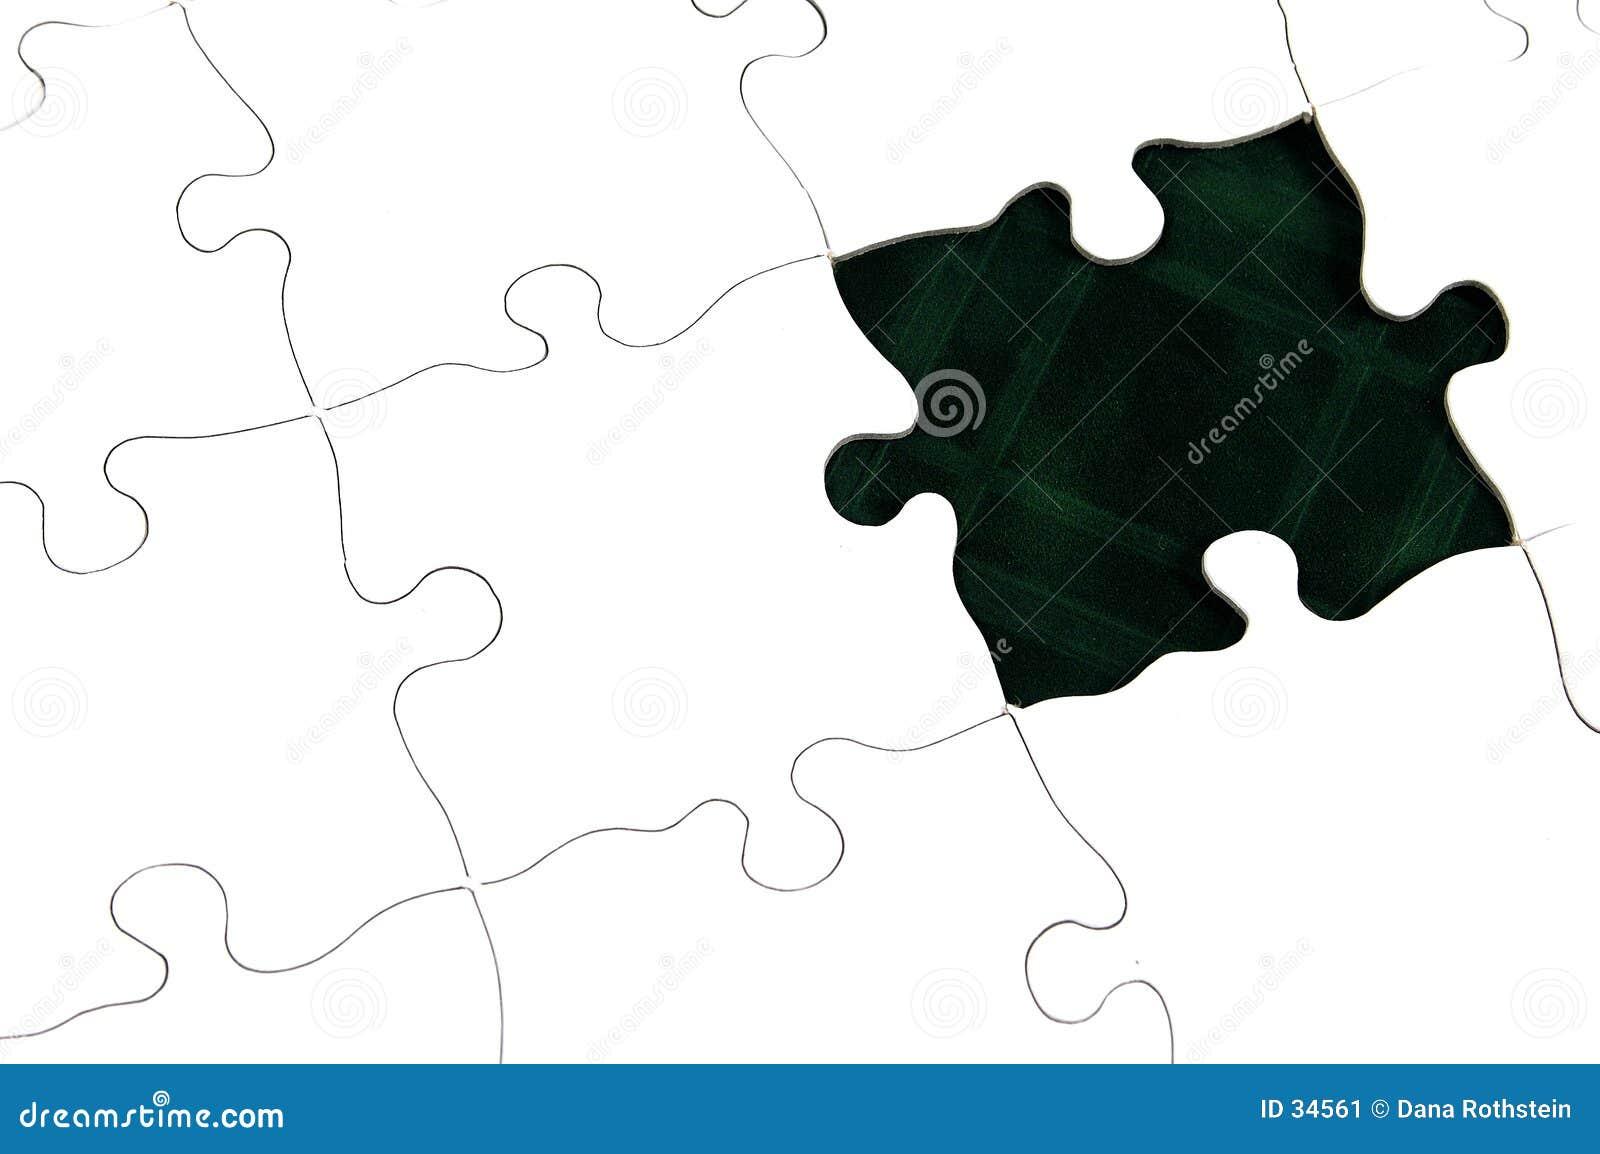 Puzzle - Dark Green